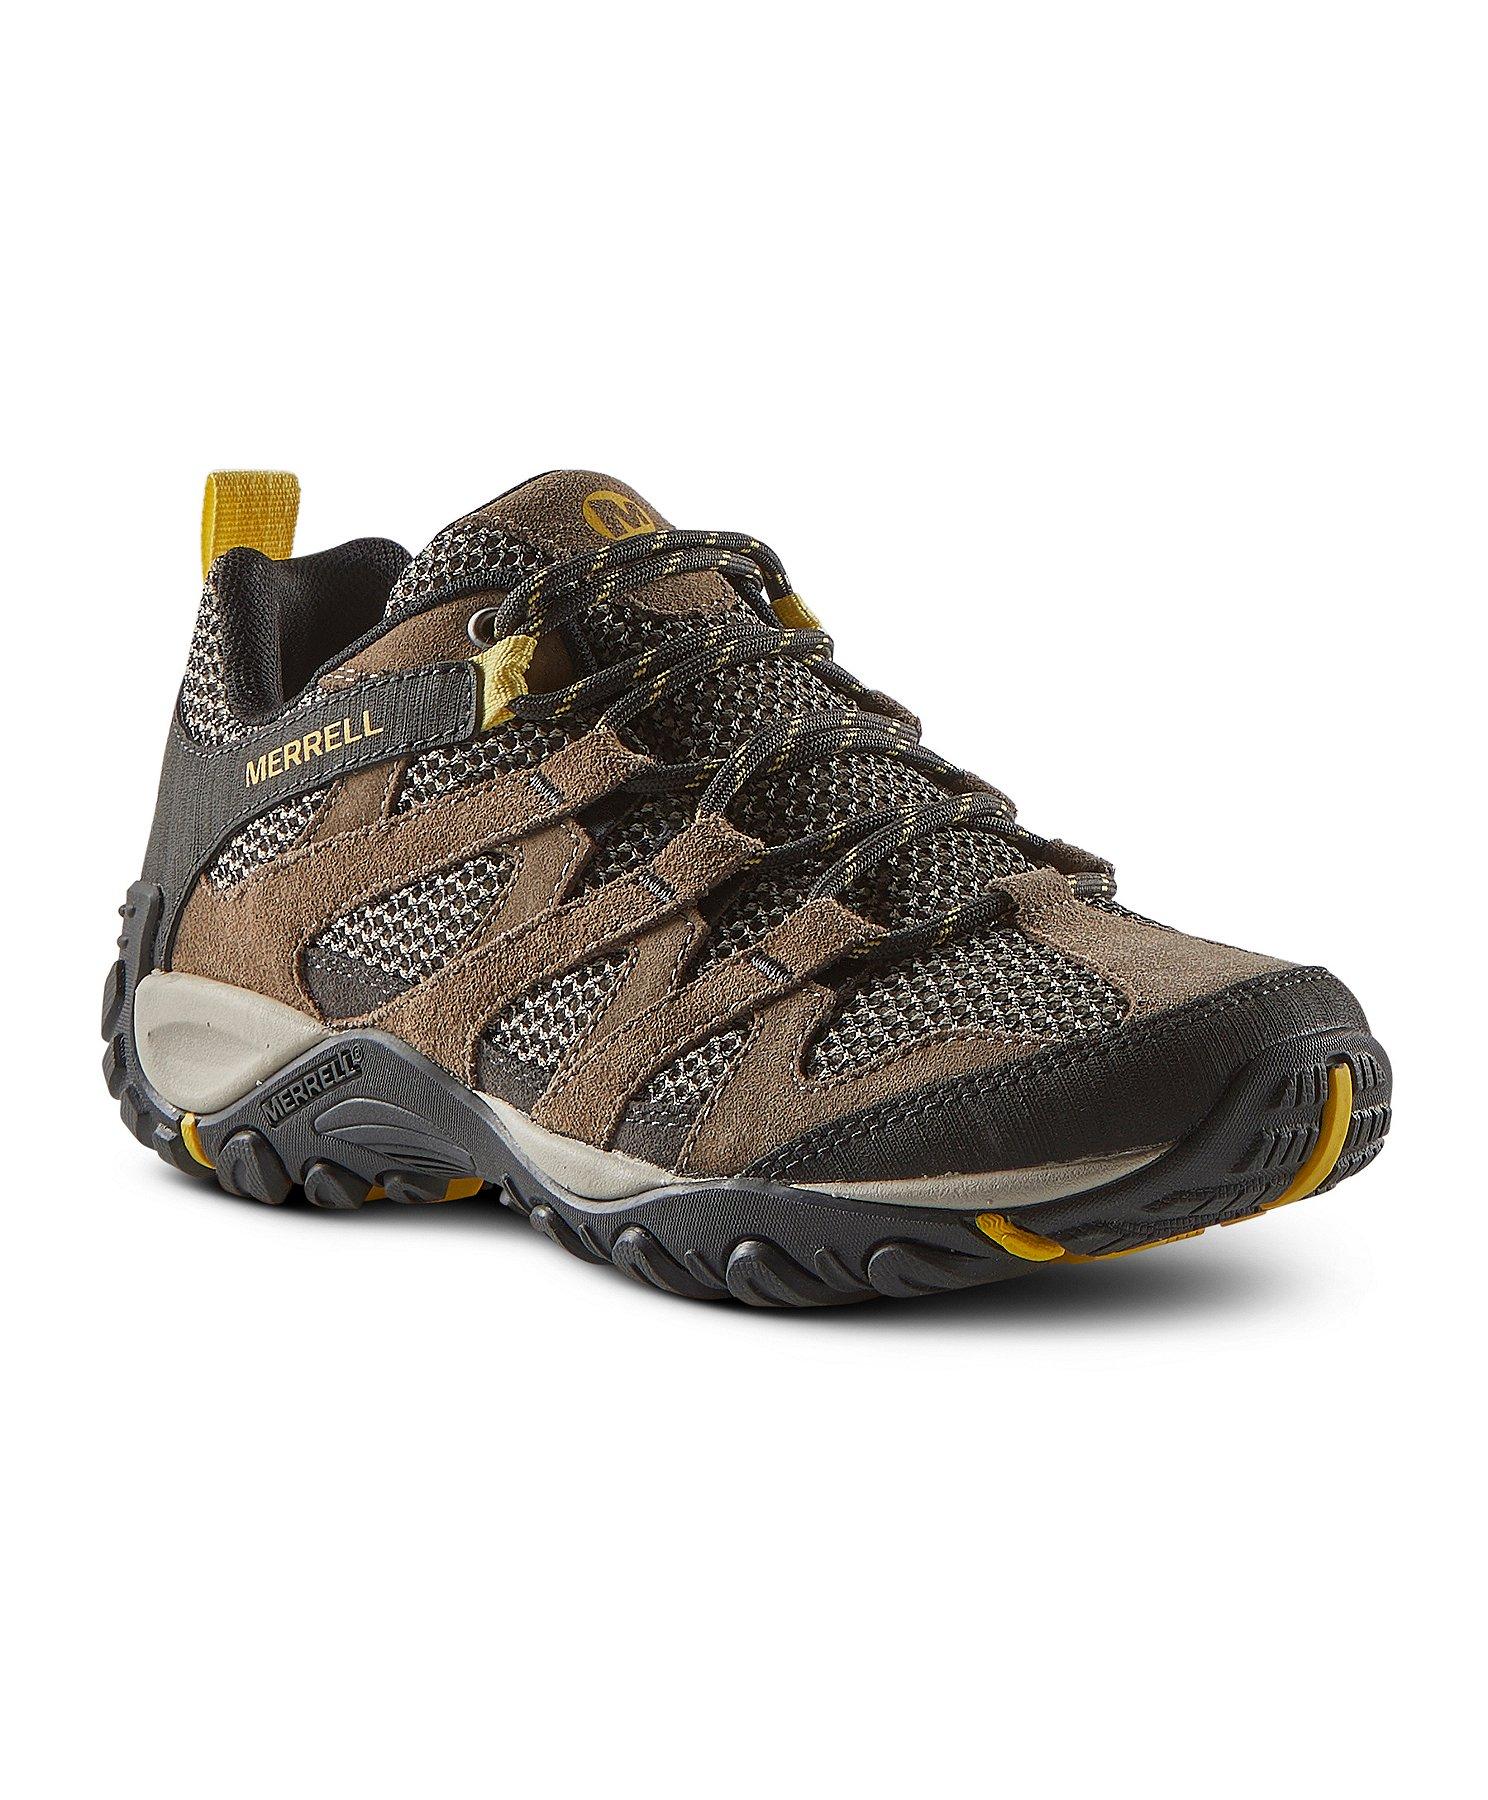 Chaussures de randonnée pour femmes, Alverstone Vent